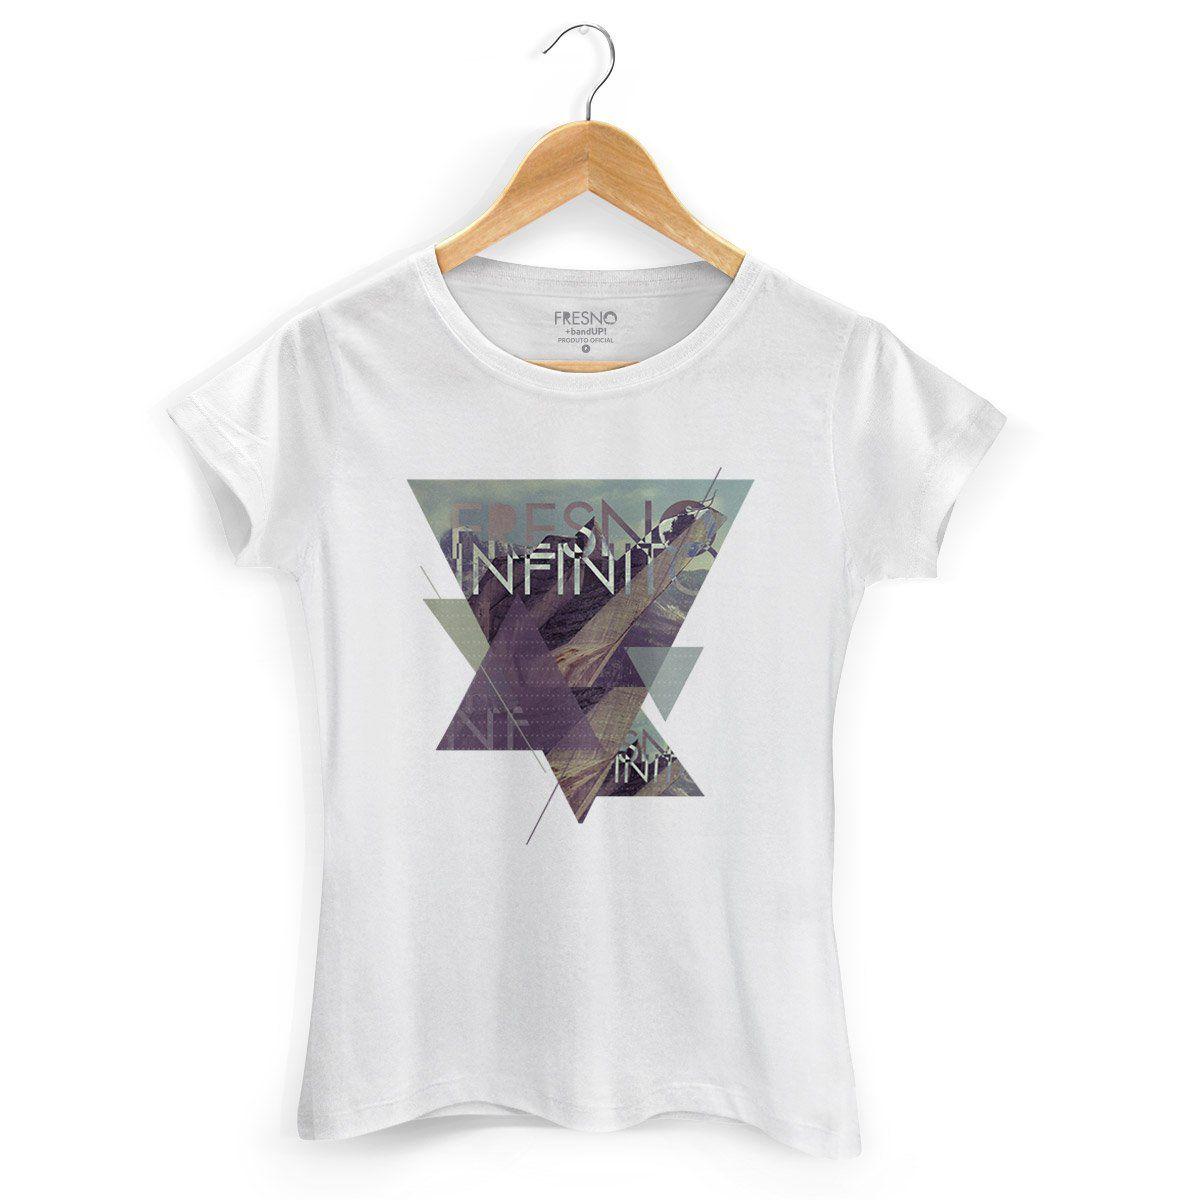 Camiseta Feminina Fresno - Capa Infinito